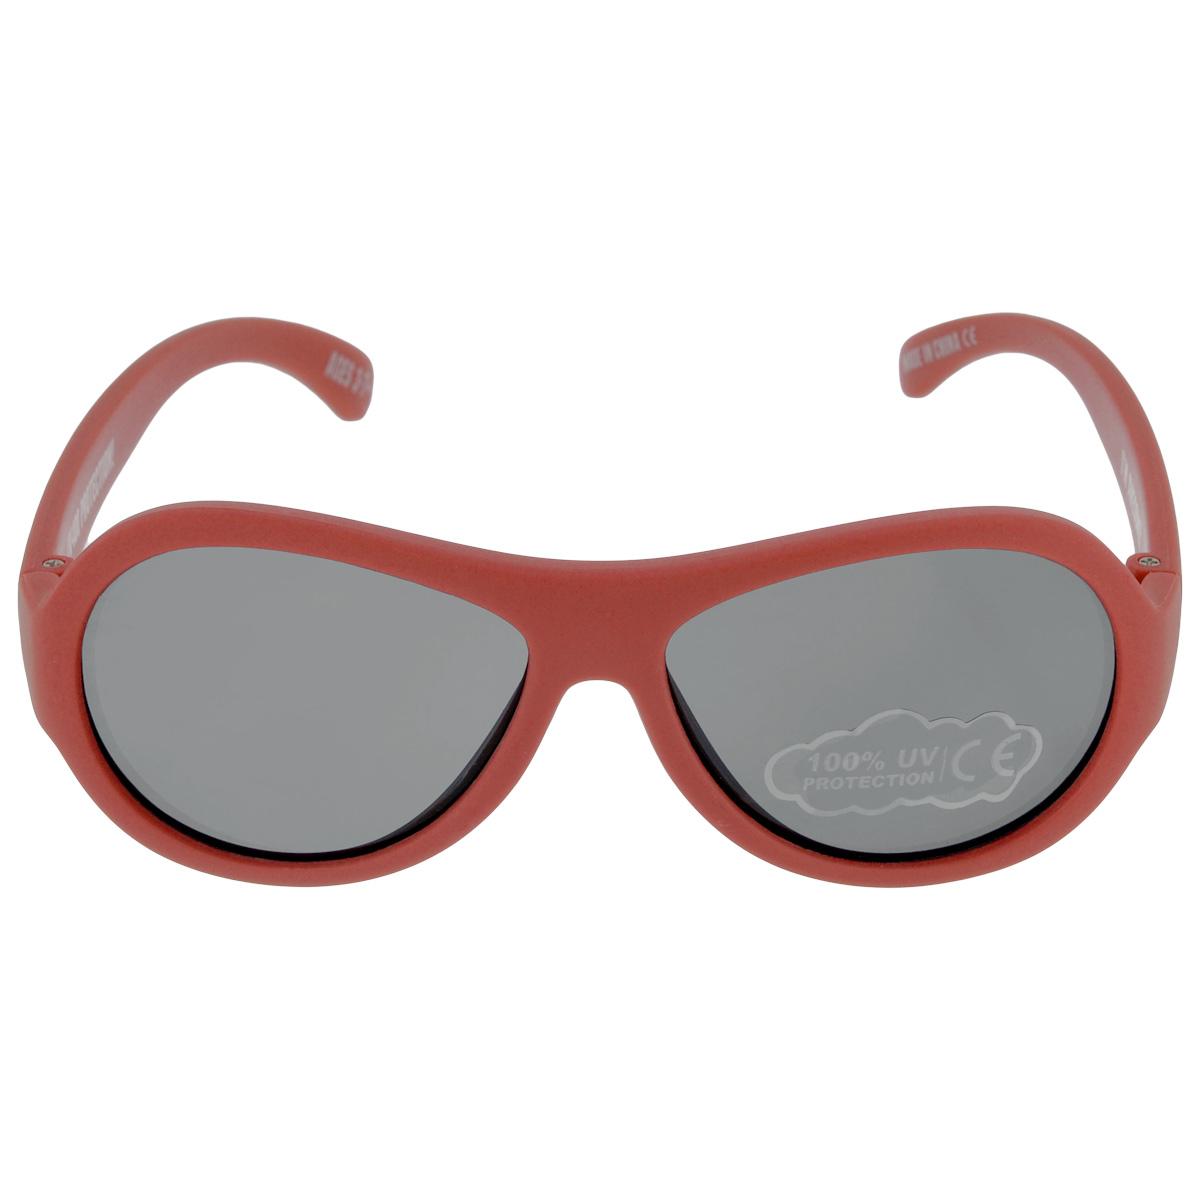 Детские солнцезащитные очки Babiators Рок-звезда (Rockstar), цвет: красный, 3-7 летBAB-007Вы делаете все возможное, чтобы ваши дети были здоровы и в безопасности. Шлемы для езды на велосипеде, солнцезащитный крем для прогулок на солнце... Но как насчёт влияния солнца на глаза вашего ребёнка? Правда в том, что сетчатка глаза у детей развивается вместе с самим ребёнком. Это означает, что глаза малышей не могут отфильтровать УФ-излучение. Проблема понятна - детям нужна настоящая защита, чтобы глазки были в безопасности, а зрение сильным. Каждая пара солнцезащитных очков Babiators для детей обеспечивает 100% защиту от UVA и UVB. Прочные линзы высшего качества не подведут в самых сложных переделках. В отличие от обычных пластиковых очков, оправа Babiators выполнена из гибкого прорезиненного материала, что делает их ударопрочными, их можно сгибать и крутить - они не сломаются и вернутся в прежнюю форму. Не бойтесь, что ребёнок сядет на них - они всё выдержат. Будьте уверены, что очки Babiators созданы безопасными, прочными и классными, так что вы и ваш ребенок можете...